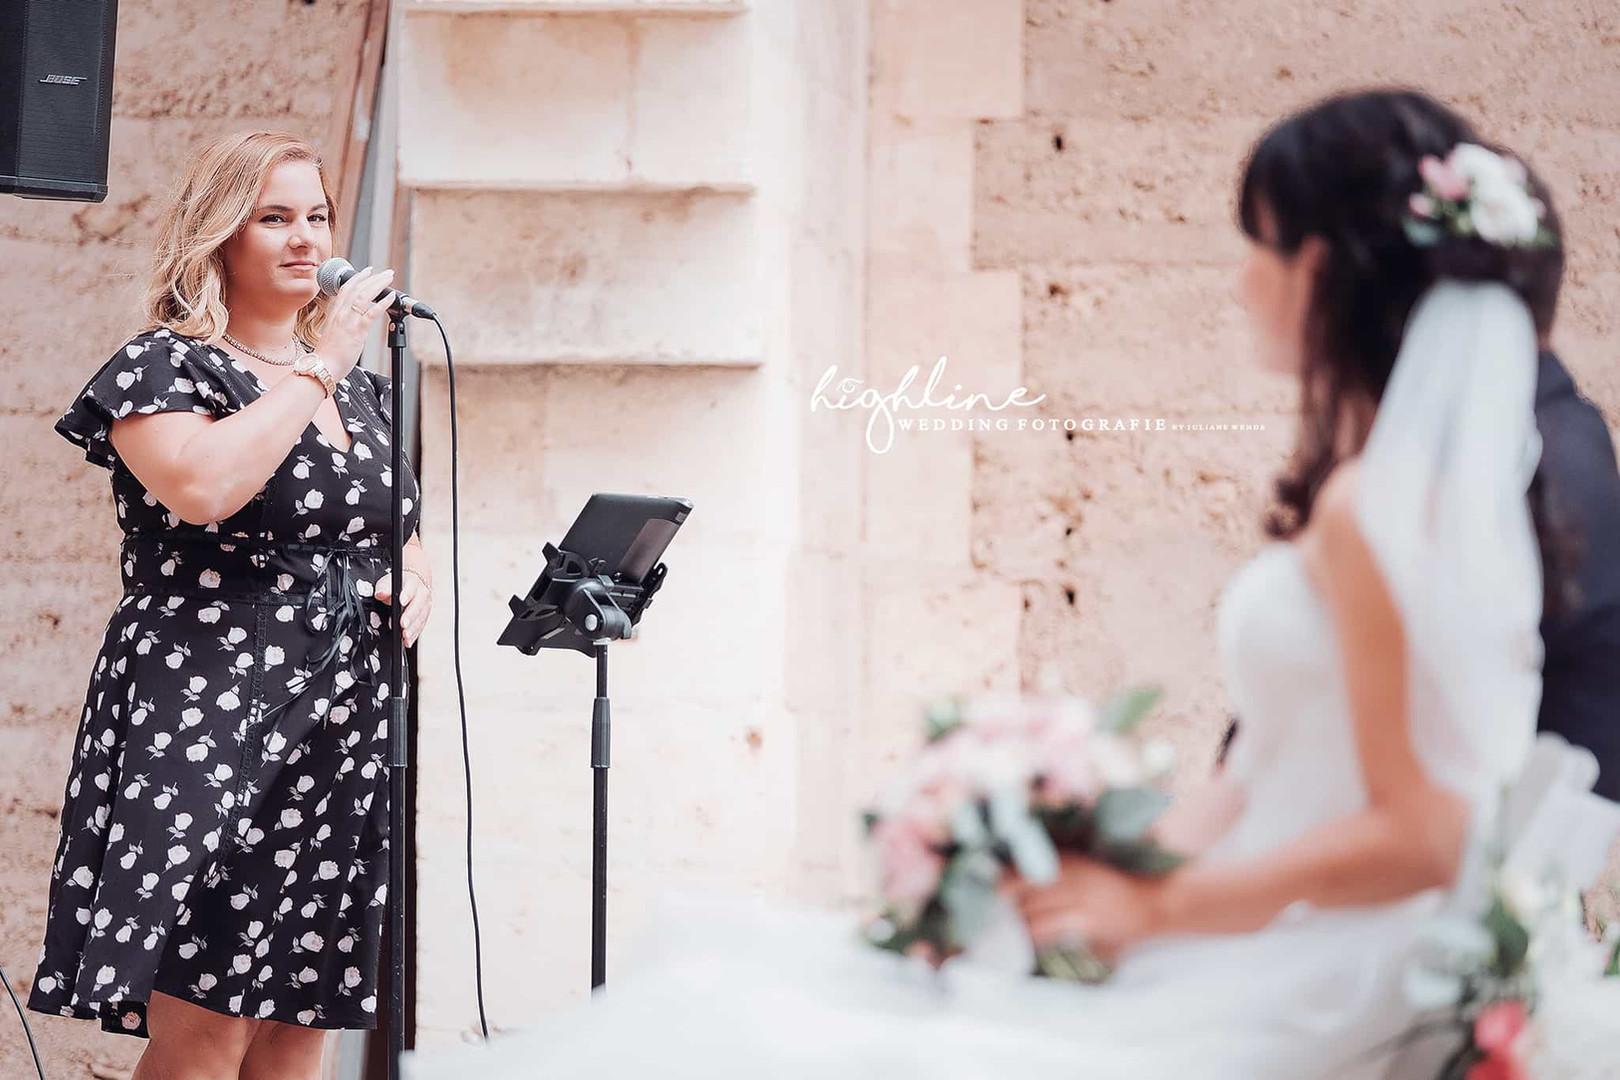 Nora Brandenburger singt bei Hochzeit in Spanien, Mallorca